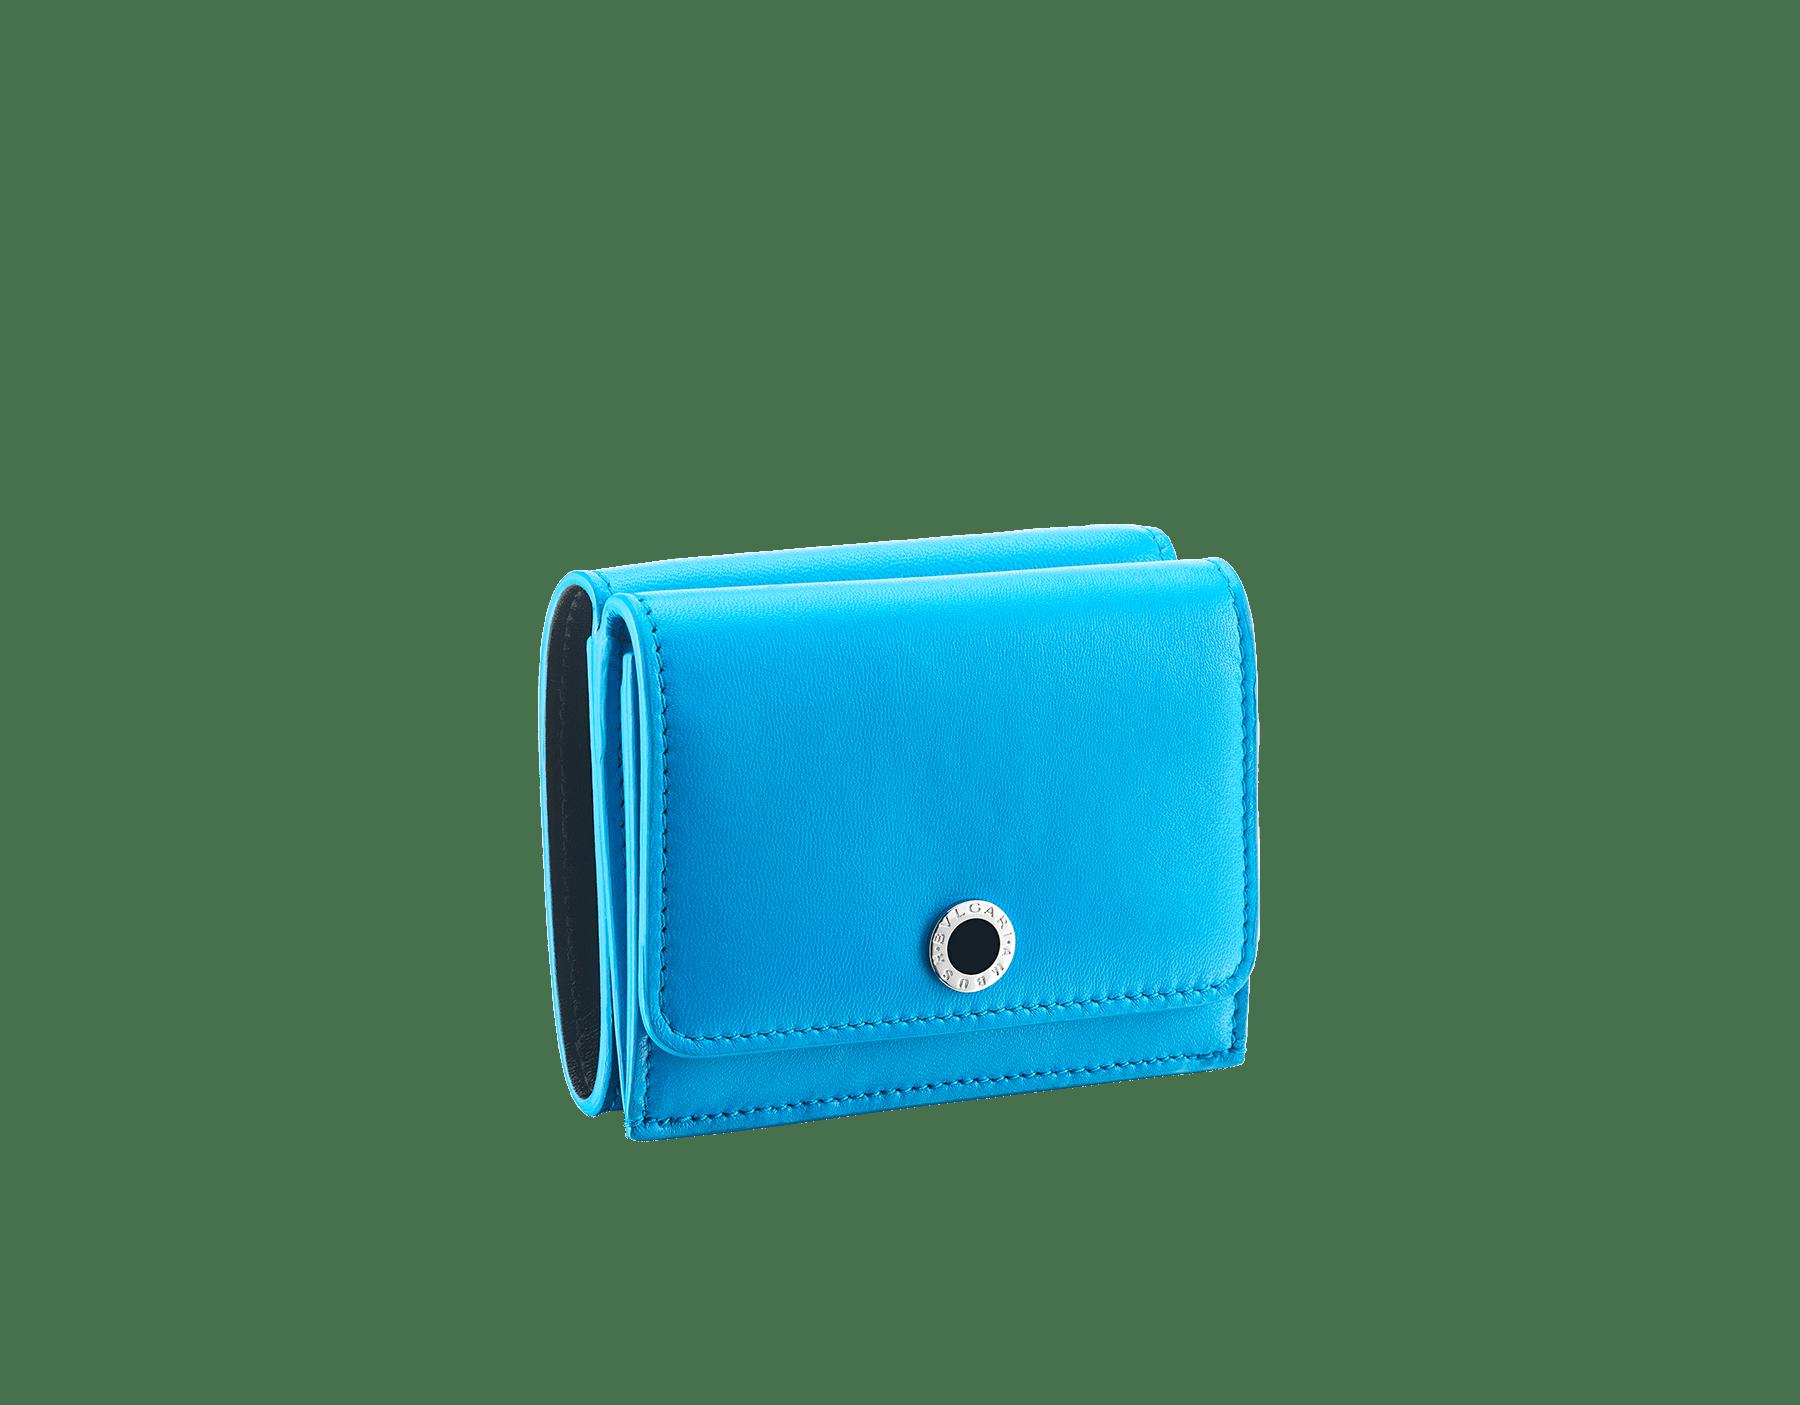 Portefeuille compact mini modèle Ambush x Bvlgari en cuir nappa bleu vif. Motif BVLGARI AMBUSH en laiton plaqué palladium et émail noir d'un côté et imprimé logo BVLGARI AMBUSH de l'autre. Édition limitée. YA-MINICOMPACT image 1